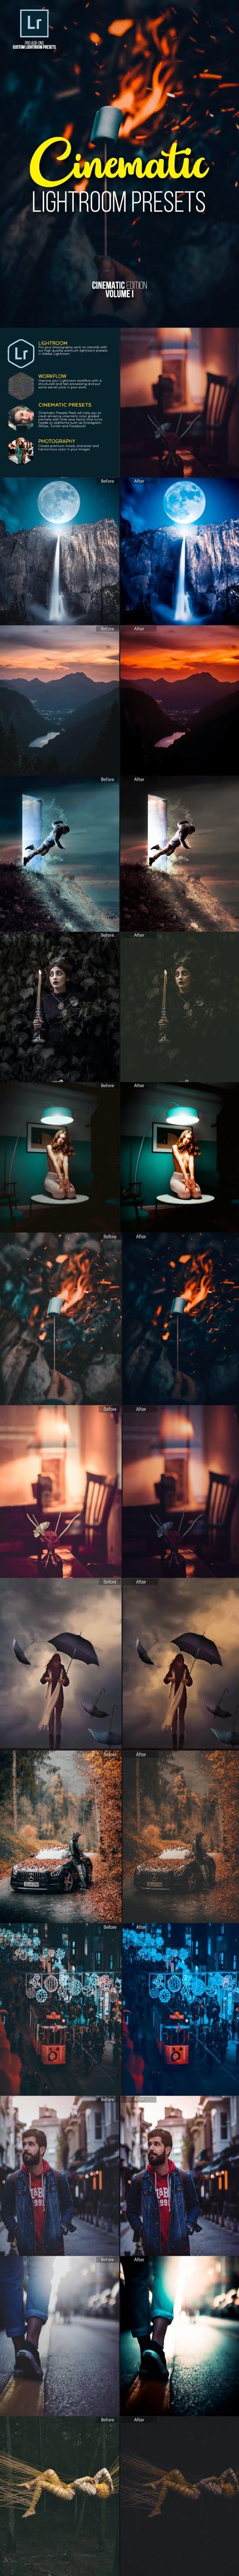 Cinematic lightroom presets ed